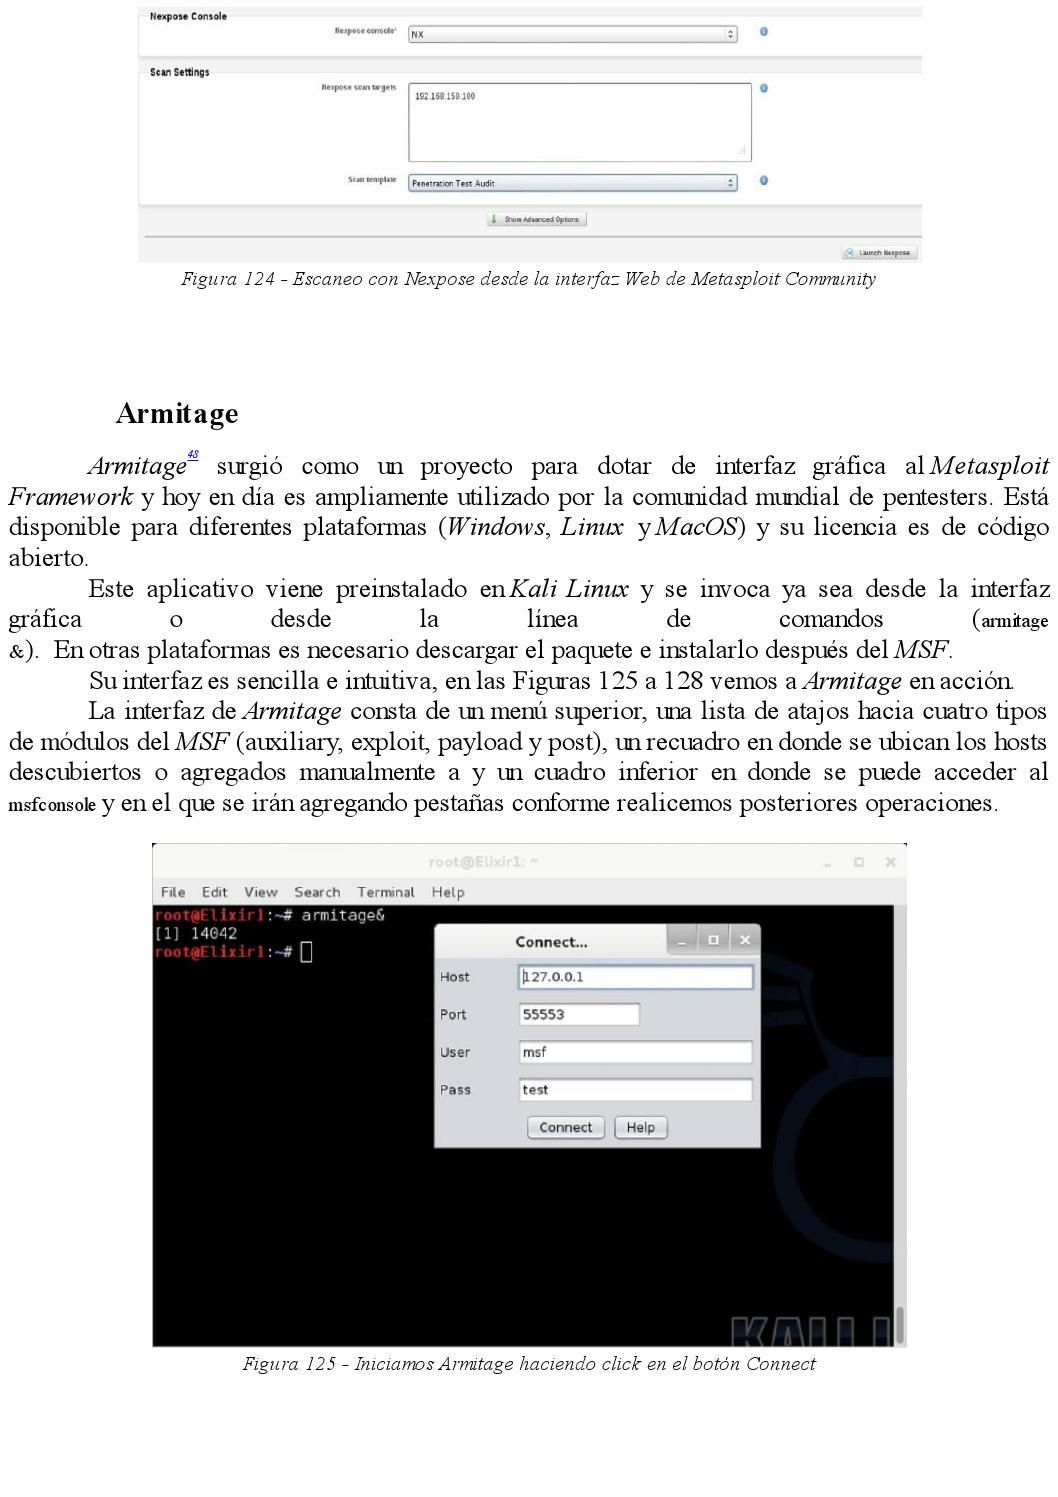 Hacking etico 101 by Esteban Zelaya - issuu